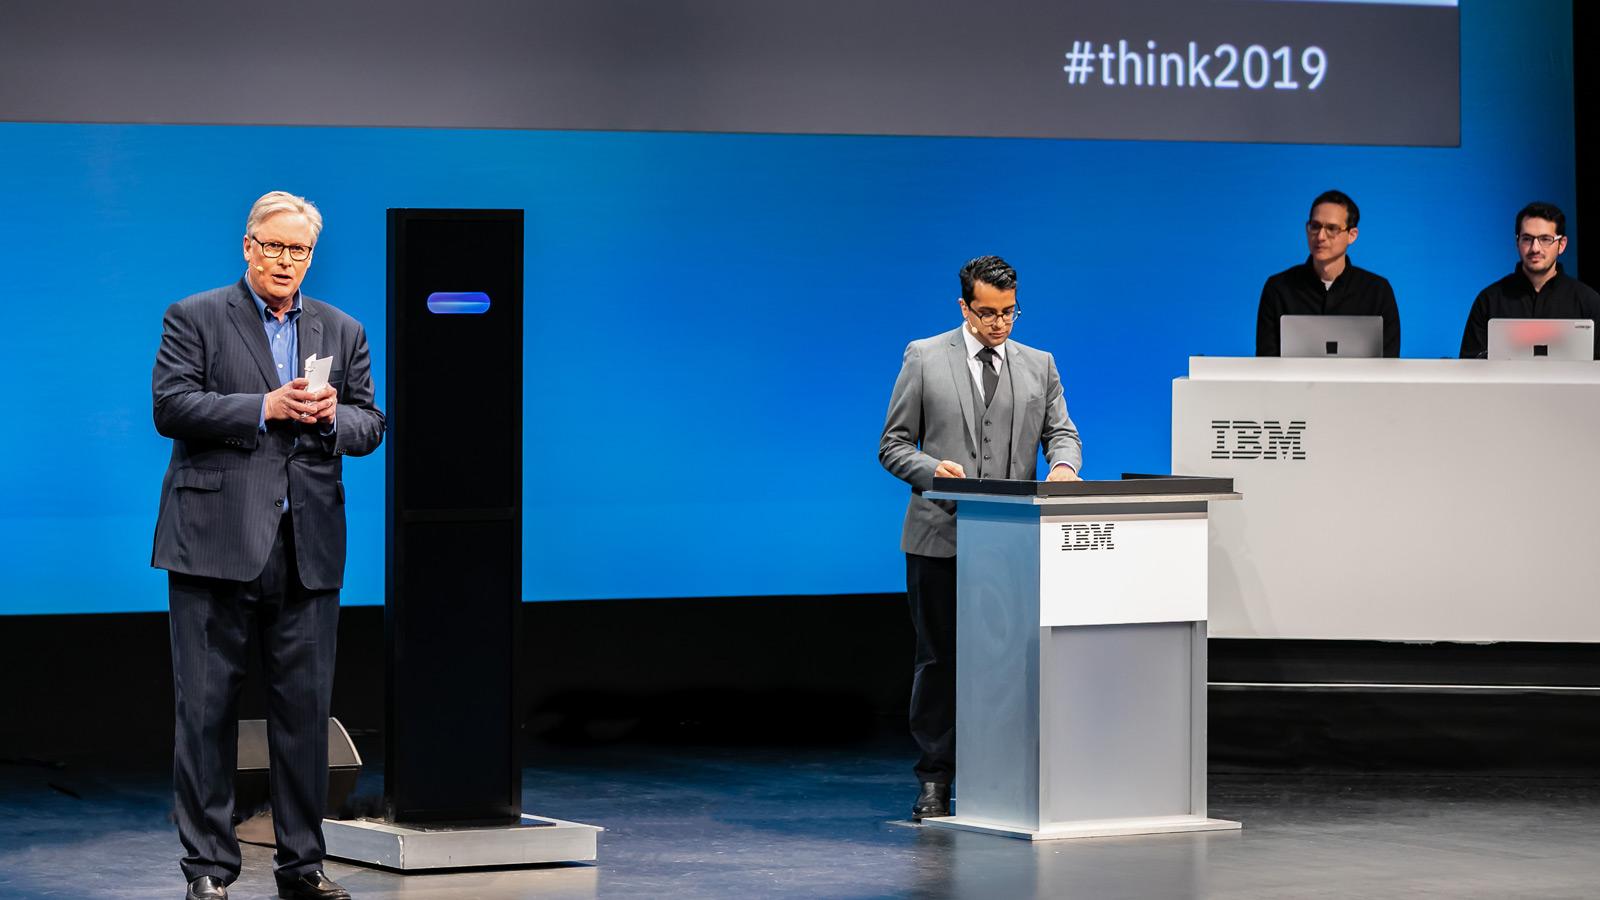 IA da IBM pode debater sobre 100 tópicos diferentes com humanos